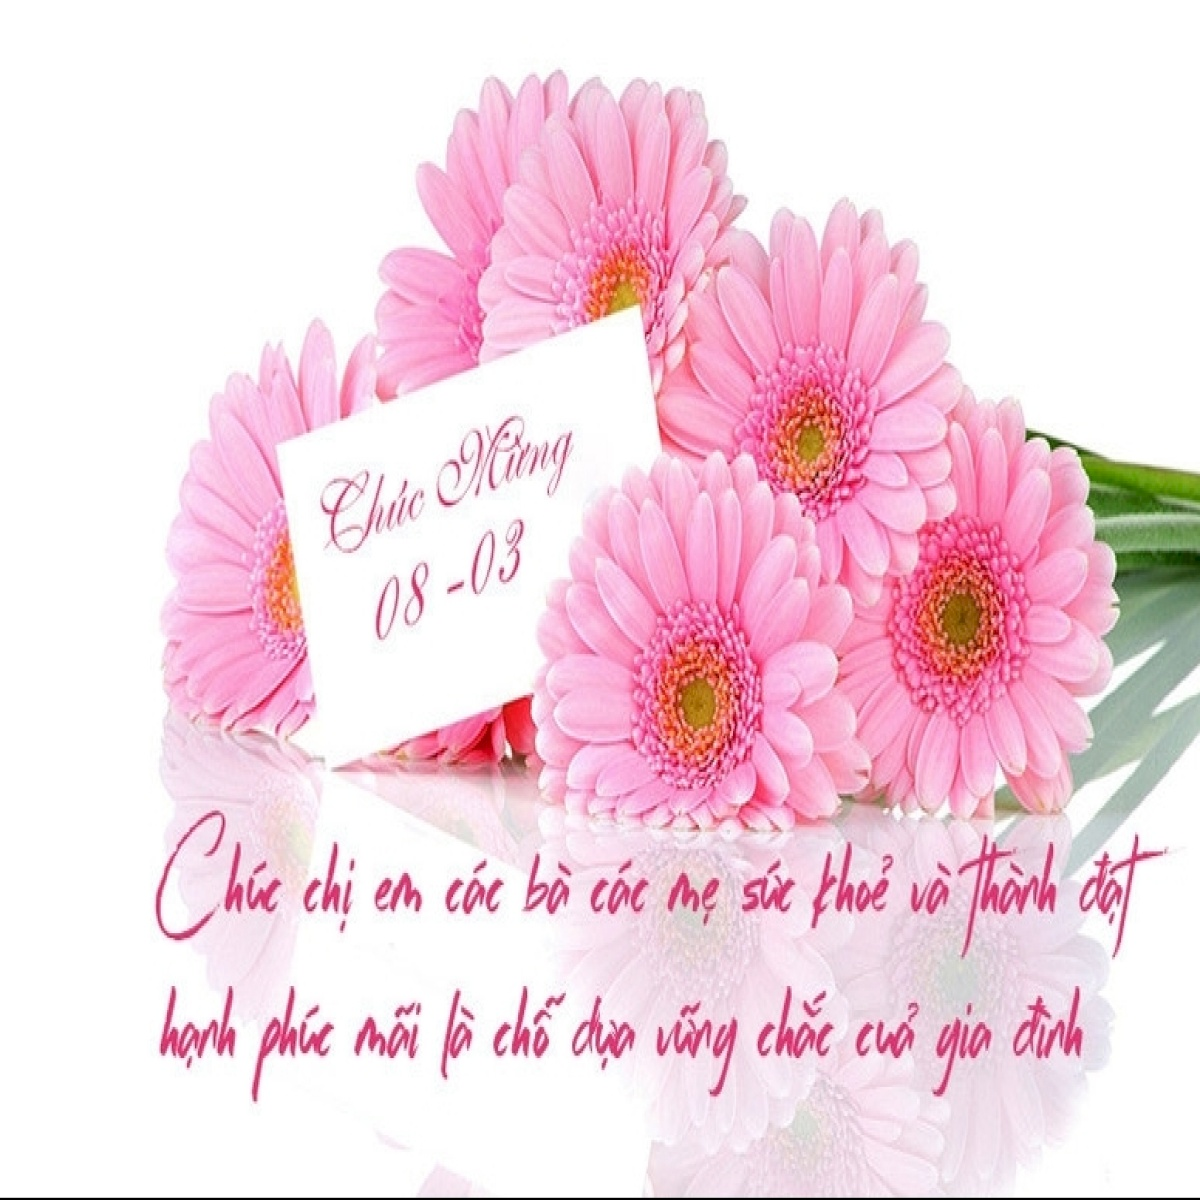 những bài thơ chúc mừng ngày 8/3 tặng mẹ, vợ, bạn gái, cô giáo, sếp và đồng nghiệp hay nhất 2021